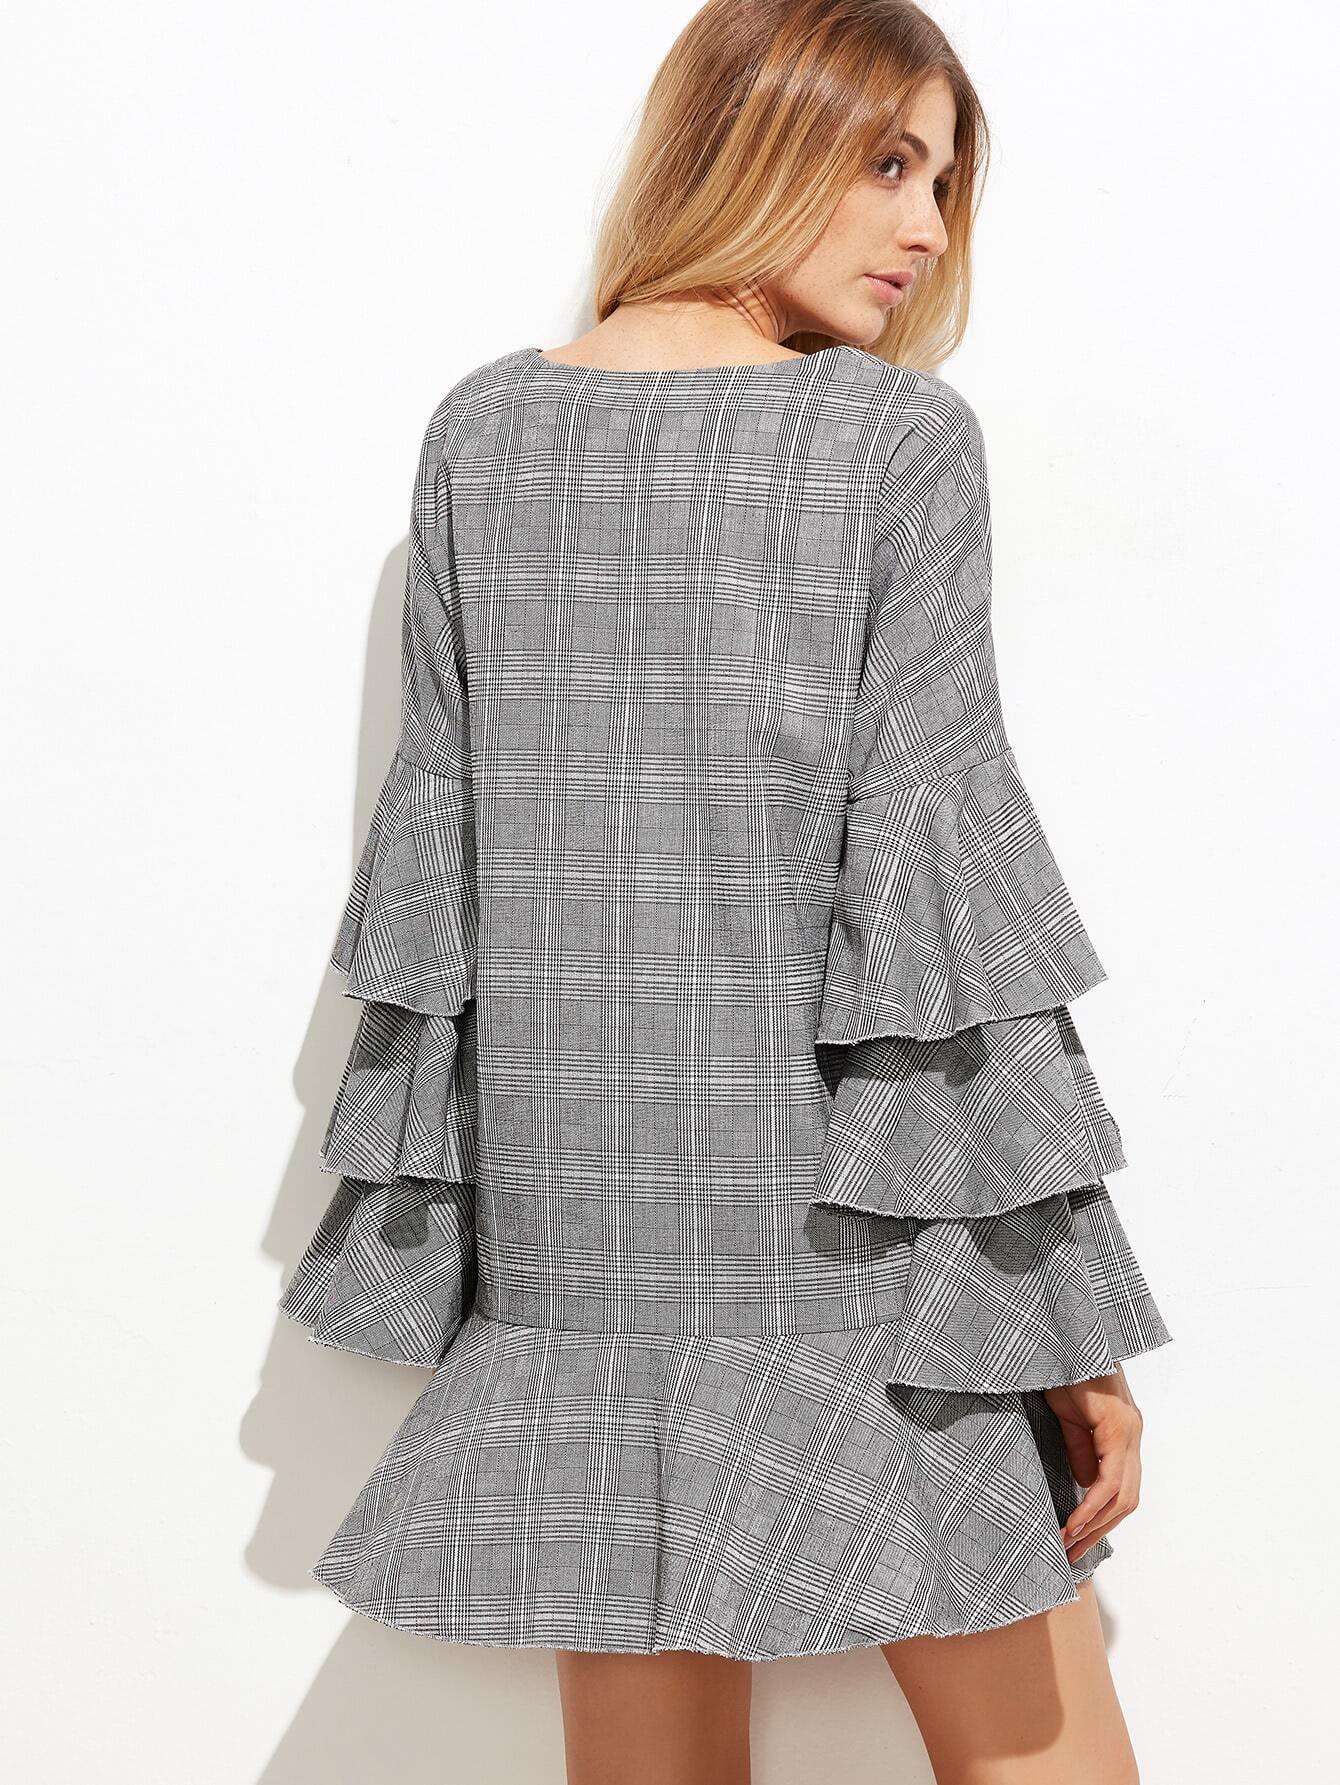 dress161005703_2